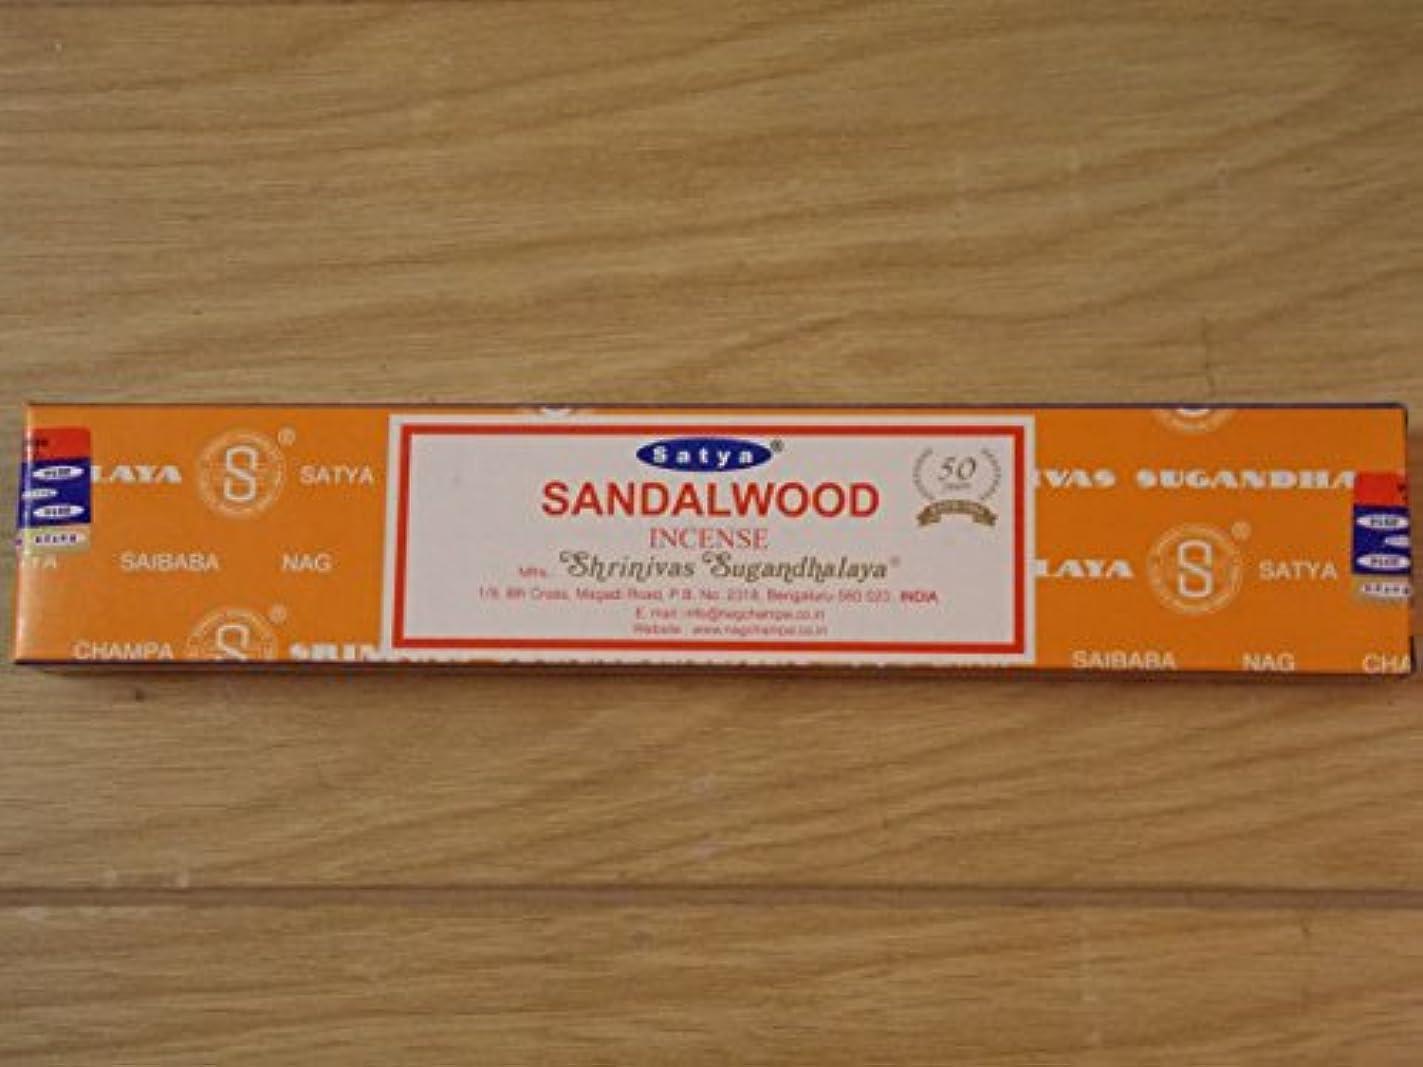 反対したマインド請願者Satyaお香サンダルウッド2パックの15グラム